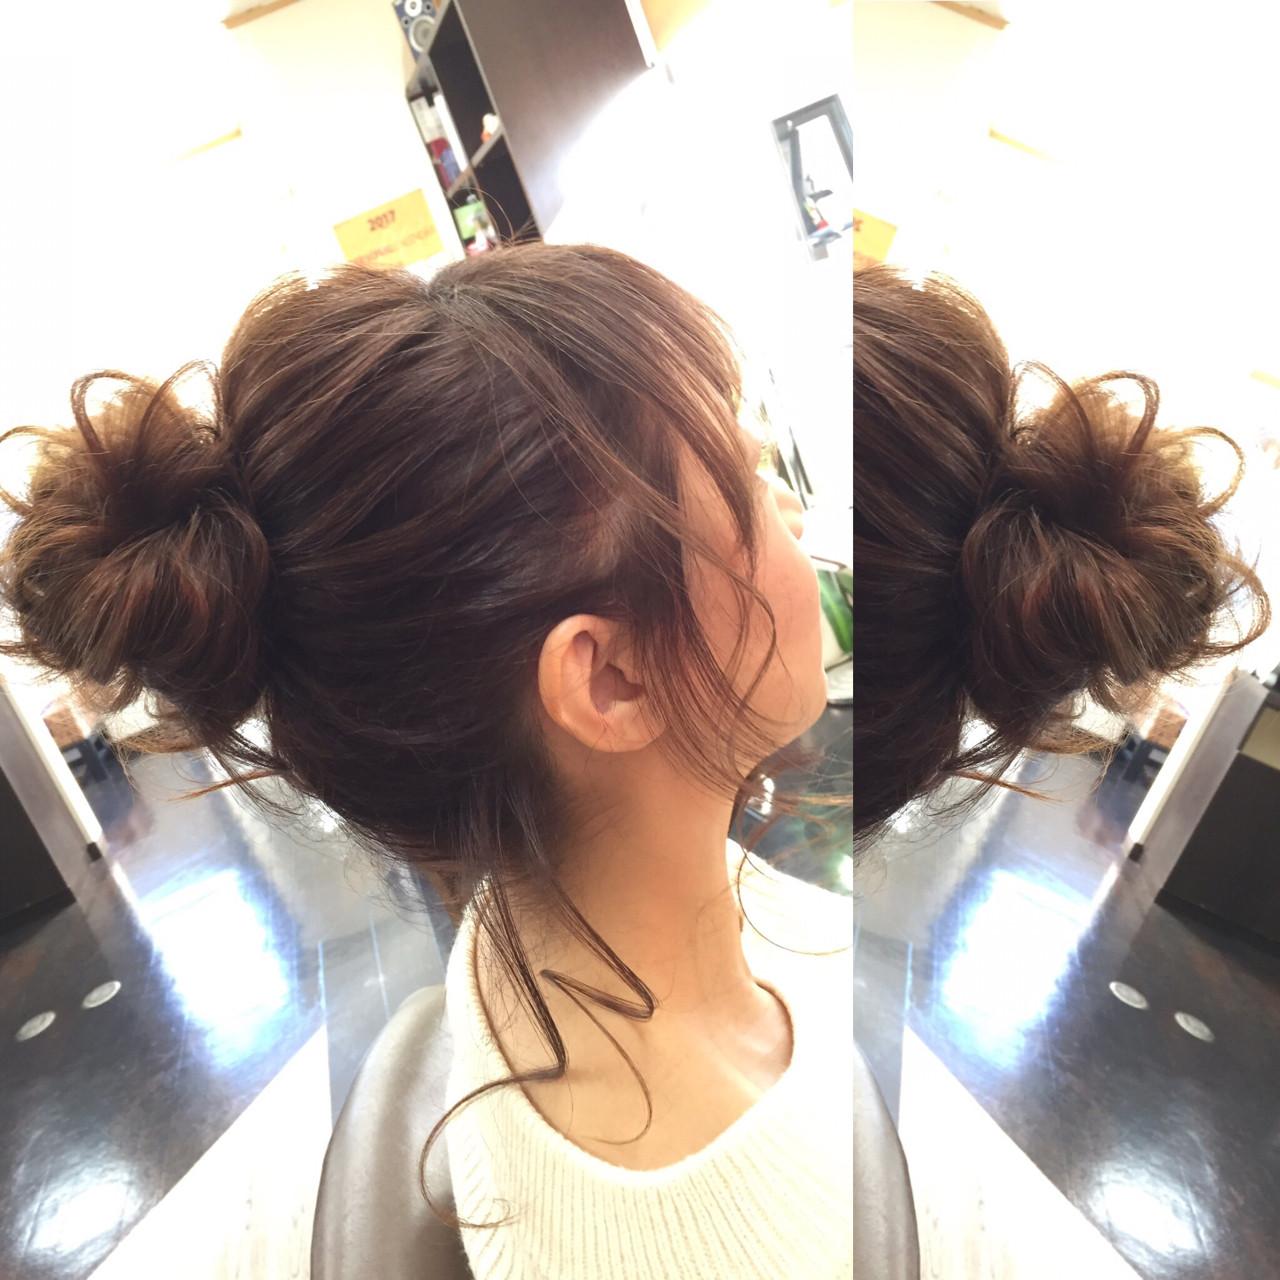 ショート 簡単ヘアアレンジ フェミニン セミロング ヘアスタイルや髪型の写真・画像 | 佐藤 允美 / Hair Space  ACT  LOCALLY(アクトローカリー)